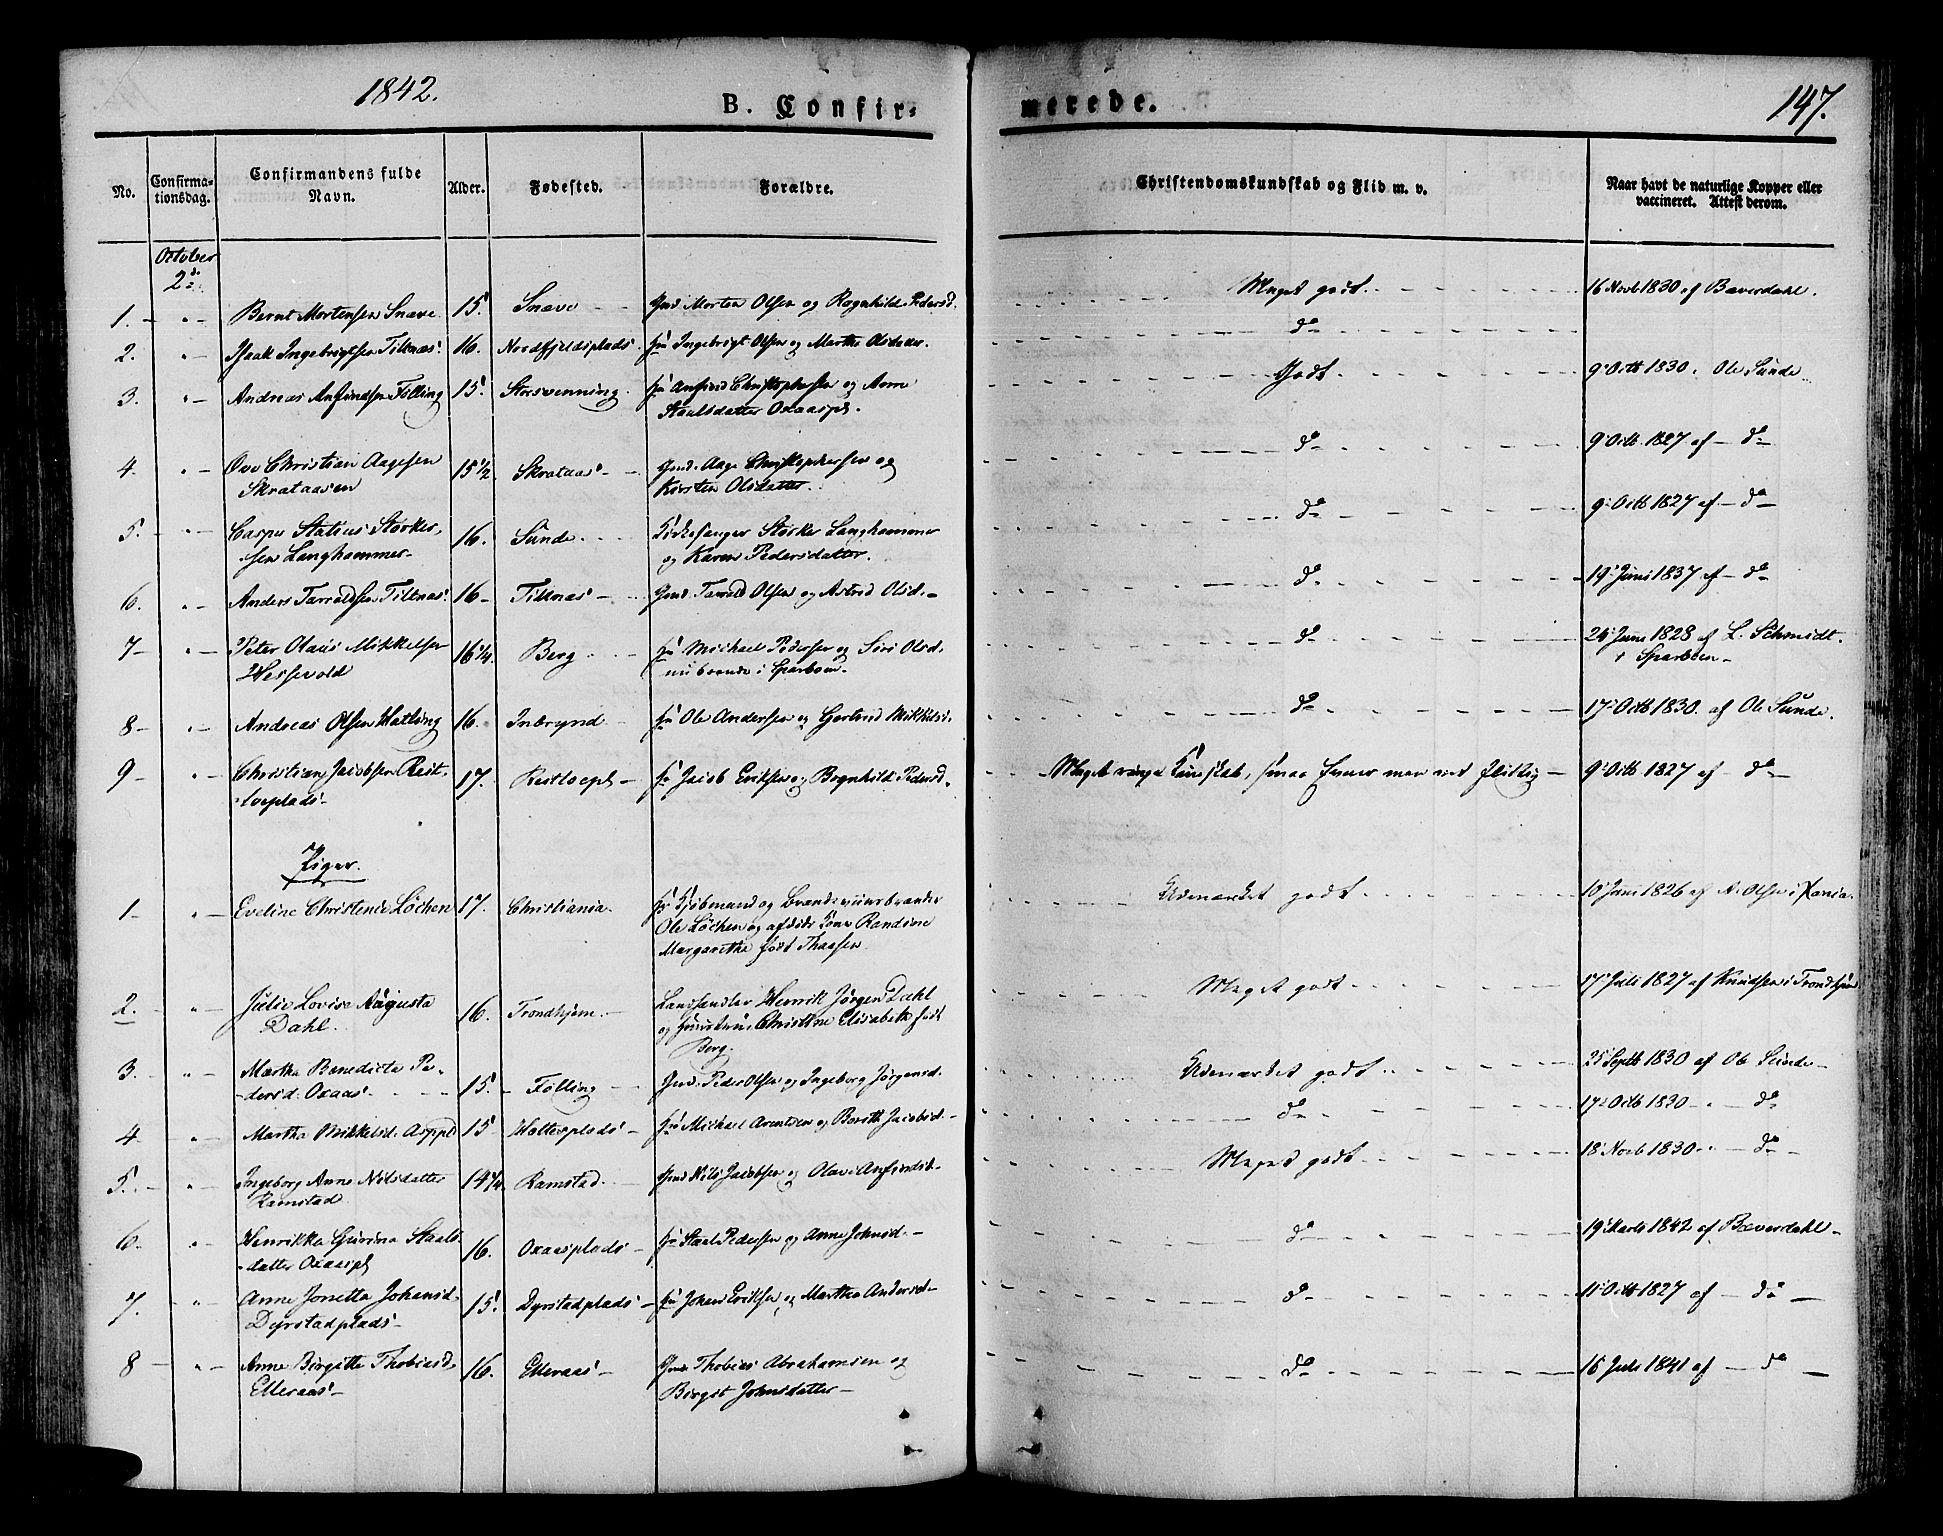 SAT, Ministerialprotokoller, klokkerbøker og fødselsregistre - Nord-Trøndelag, 746/L0445: Ministerialbok nr. 746A04, 1826-1846, s. 147